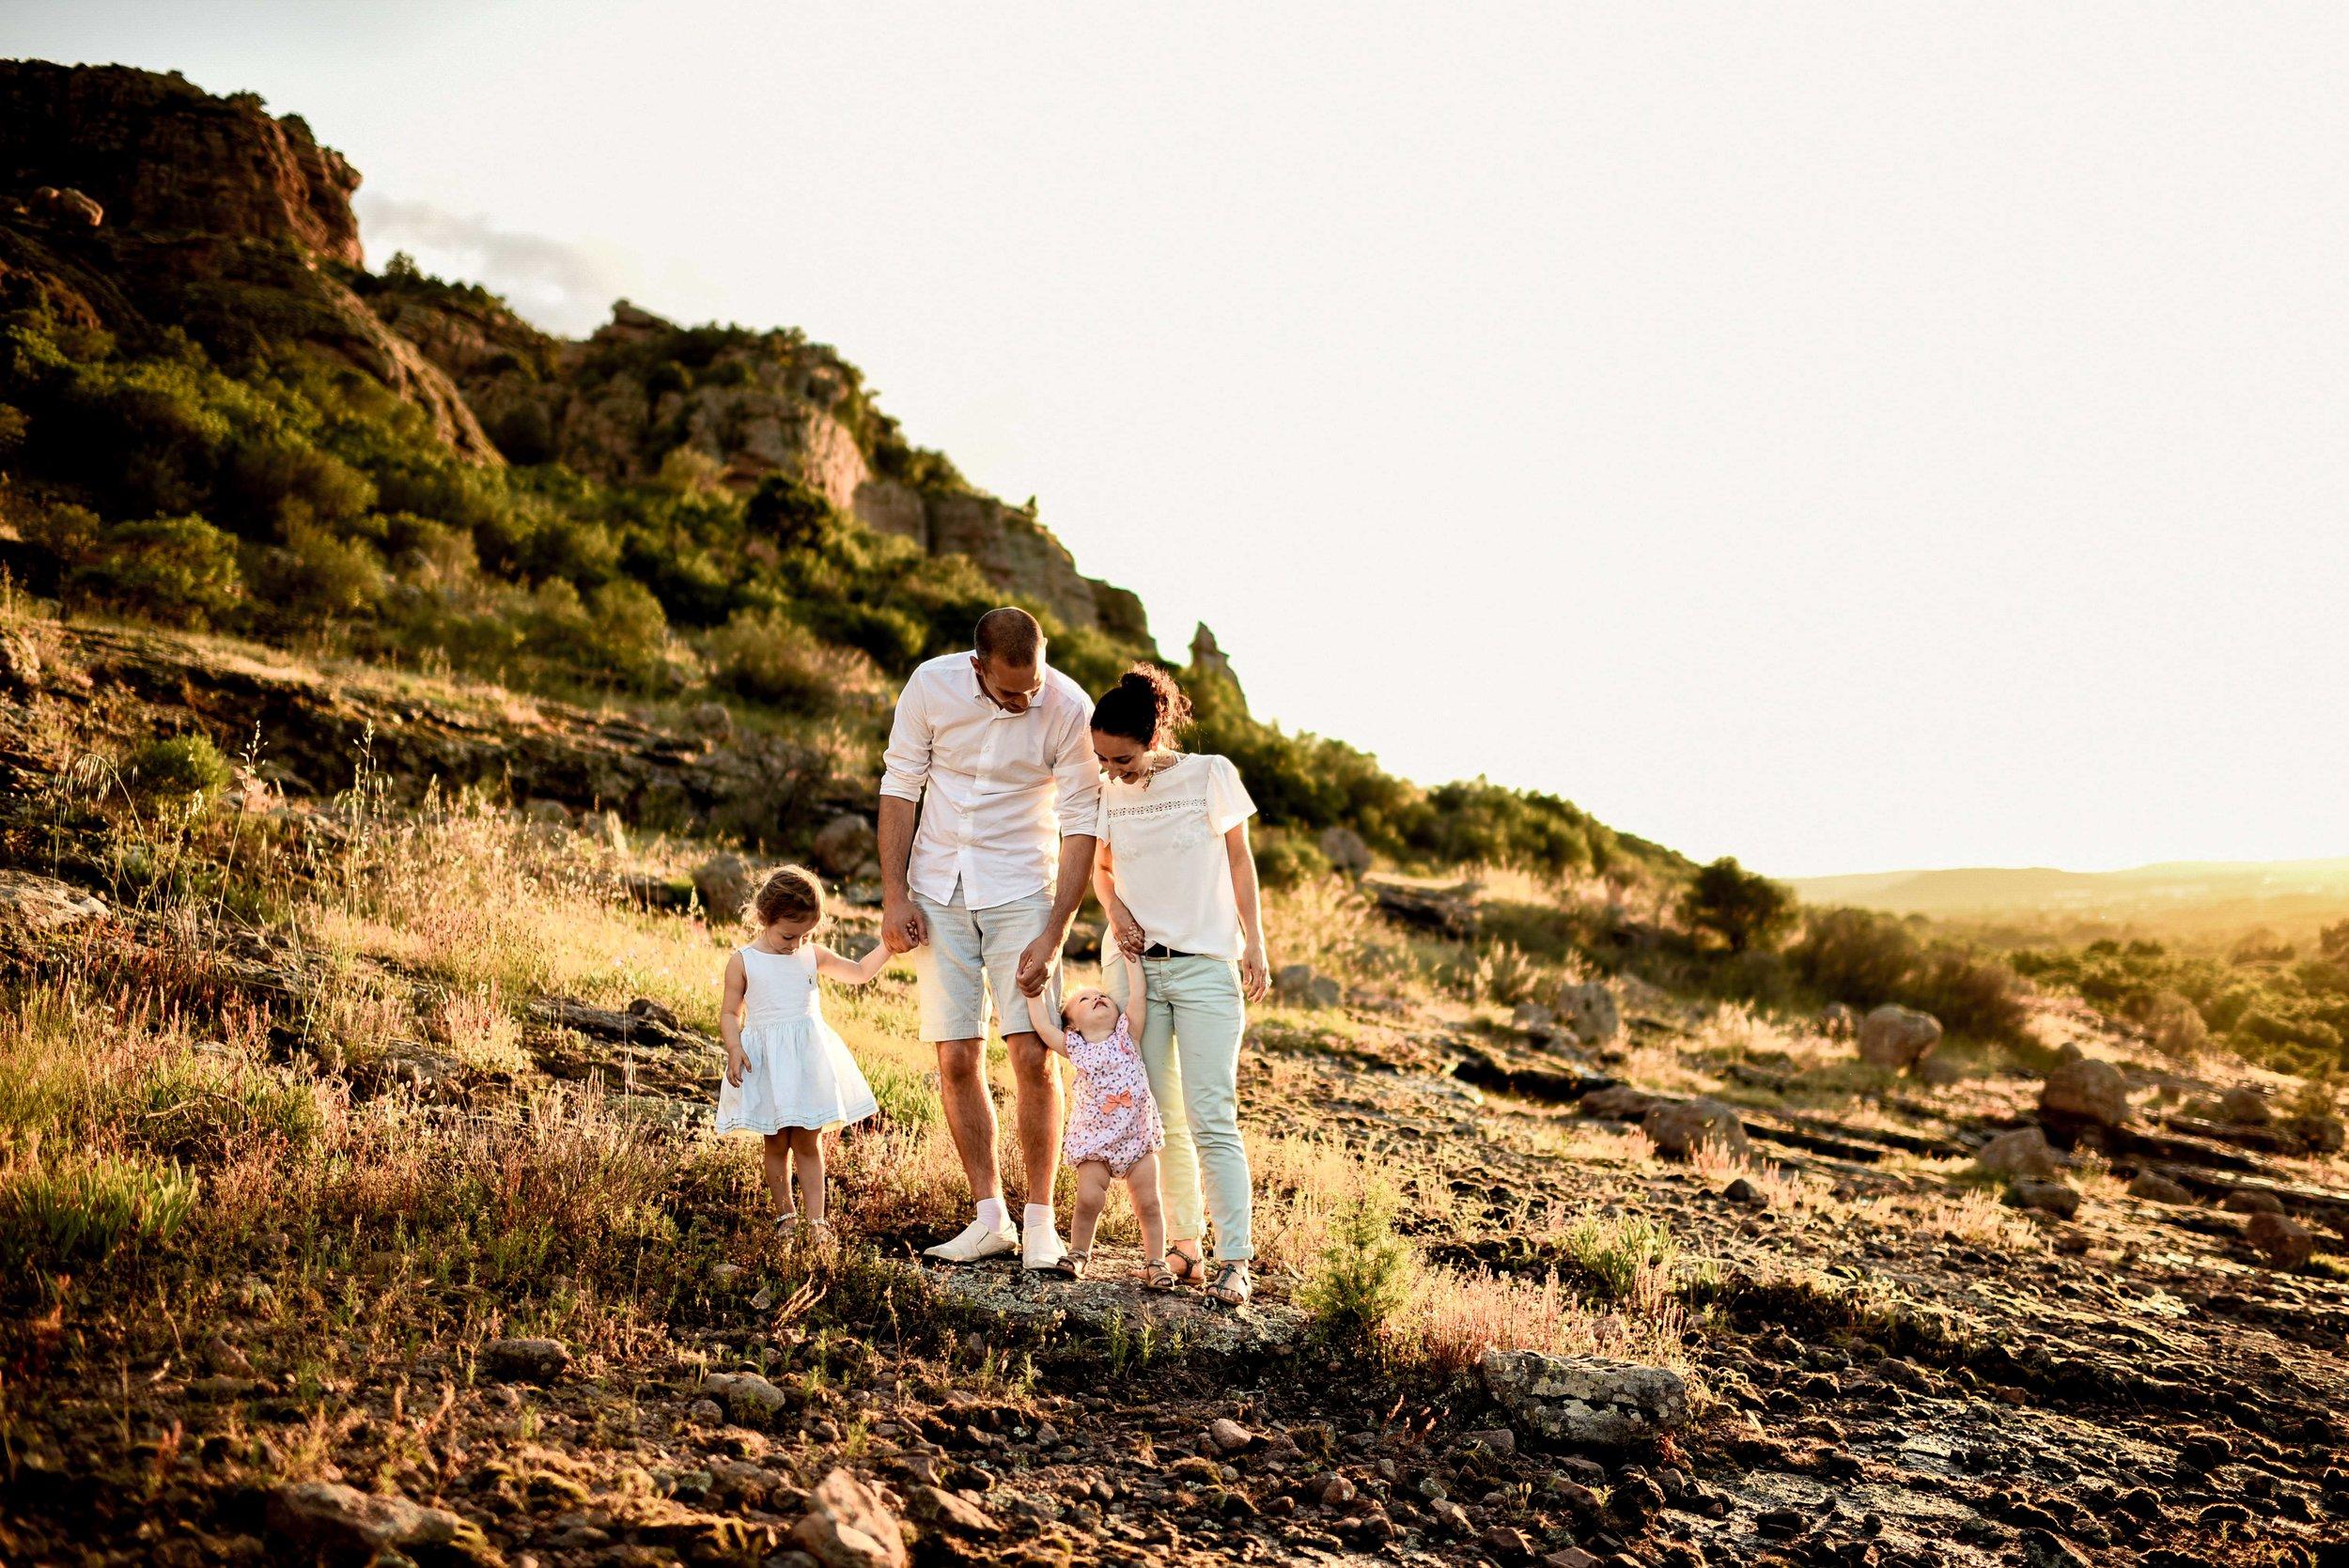 seance-photo-famille-naturelle-et-spontanee-9.jpg